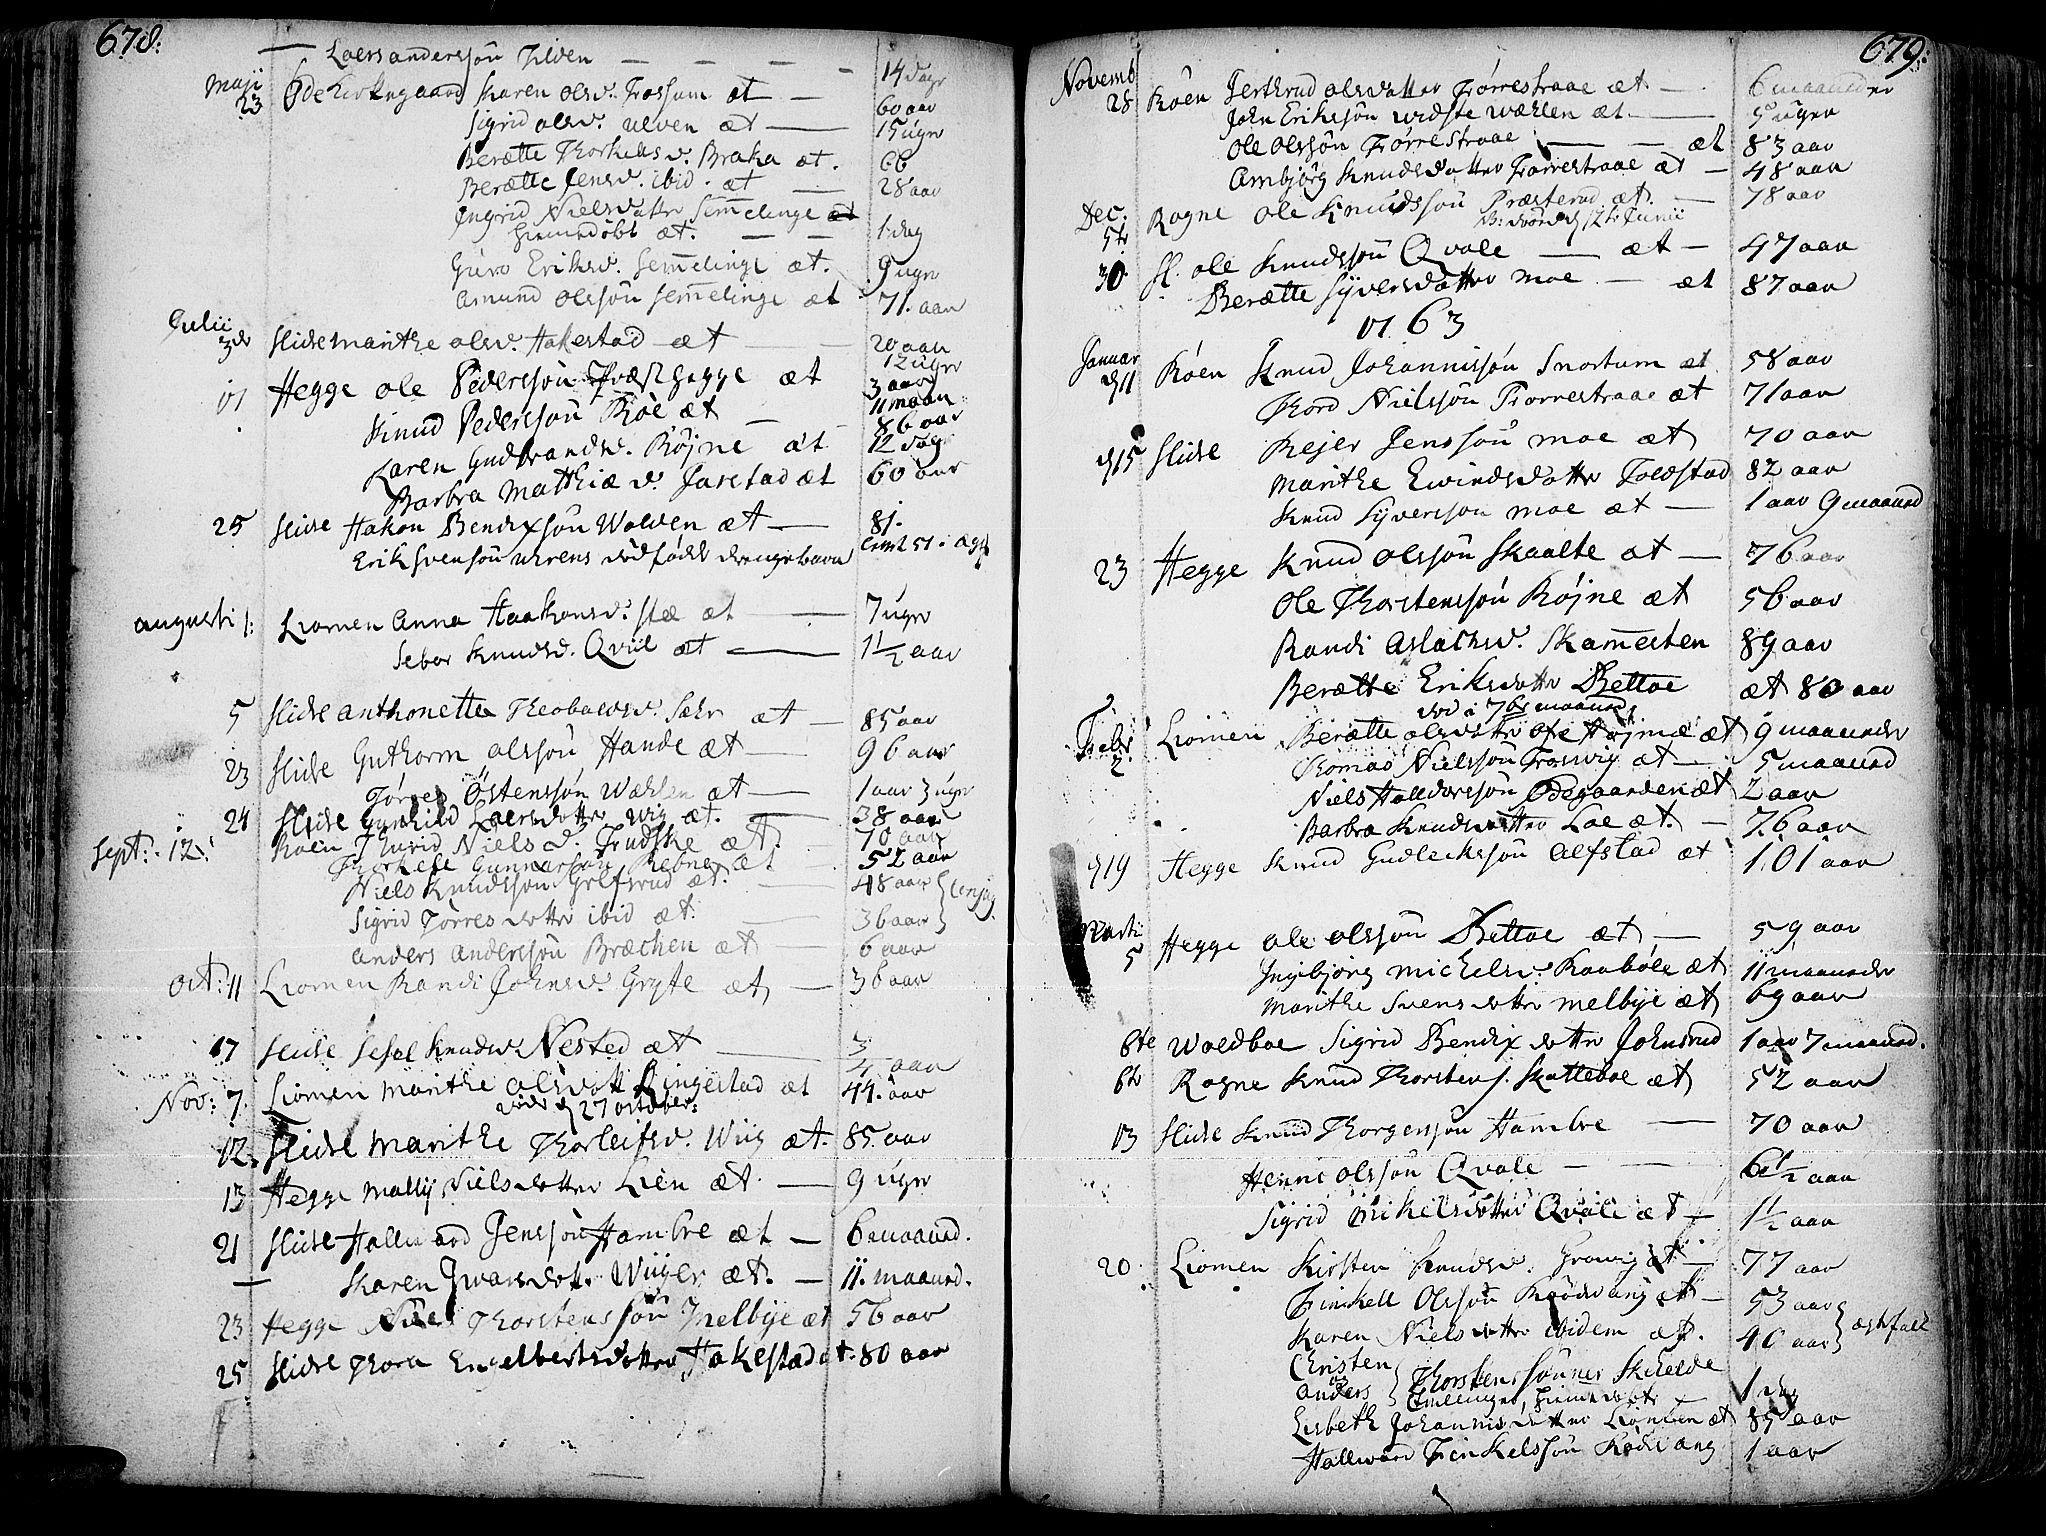 SAH, Slidre prestekontor, Ministerialbok nr. 1, 1724-1814, s. 678-679